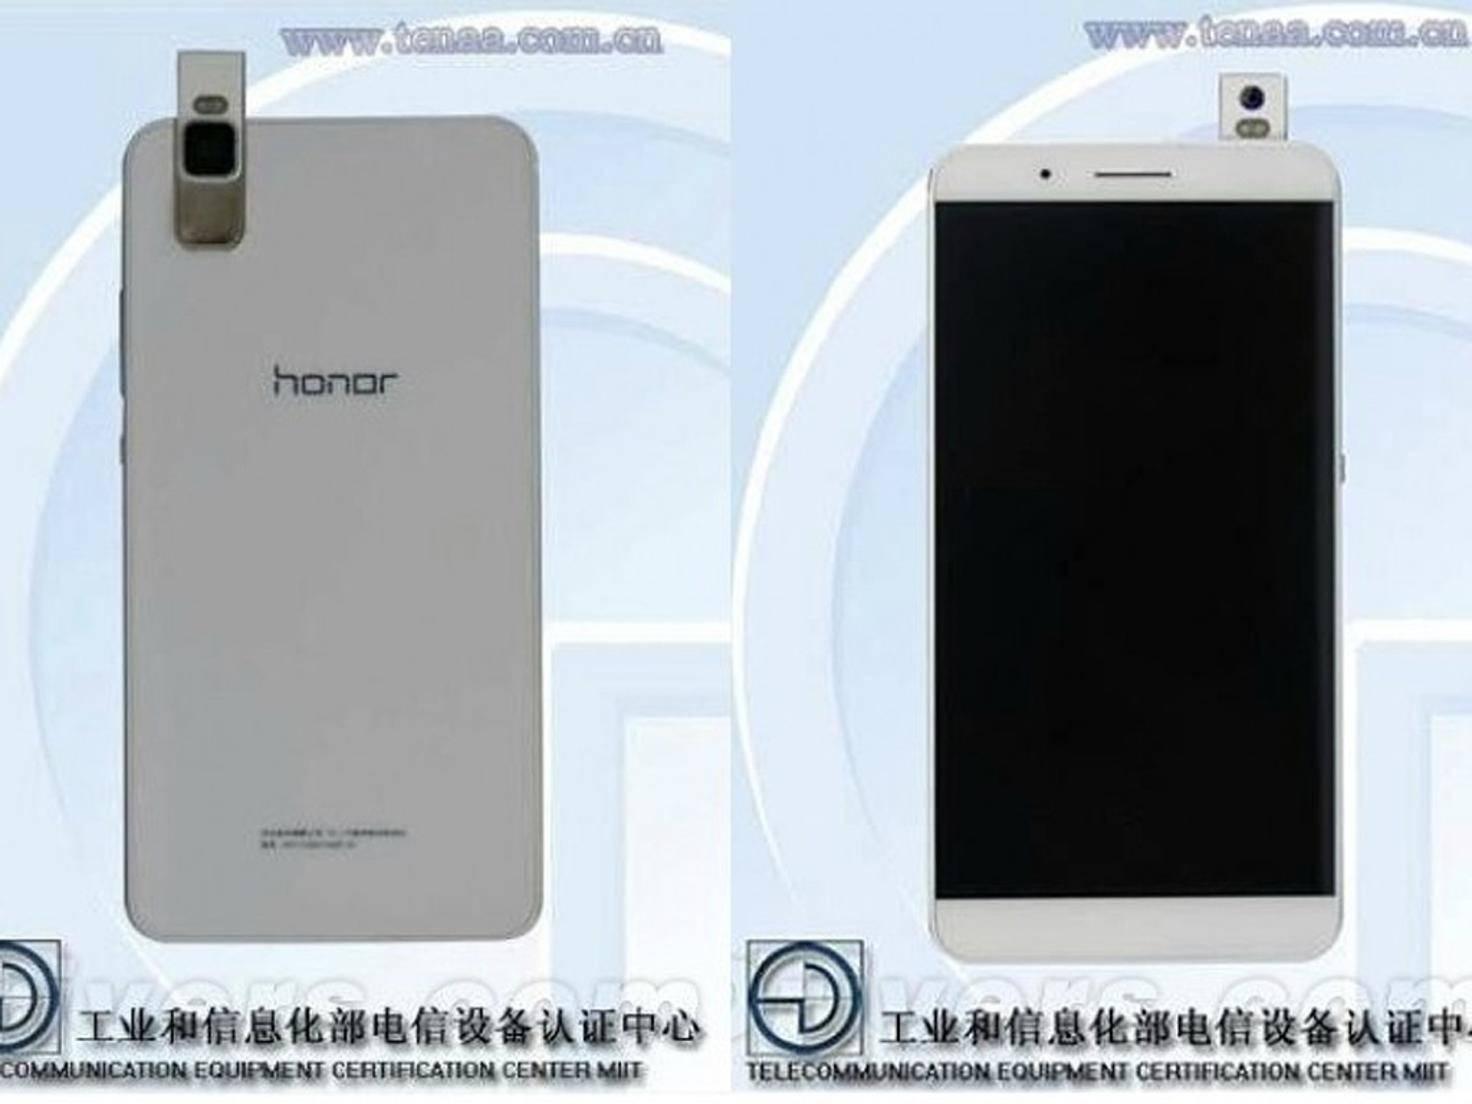 Huawei Honor 8 Leak